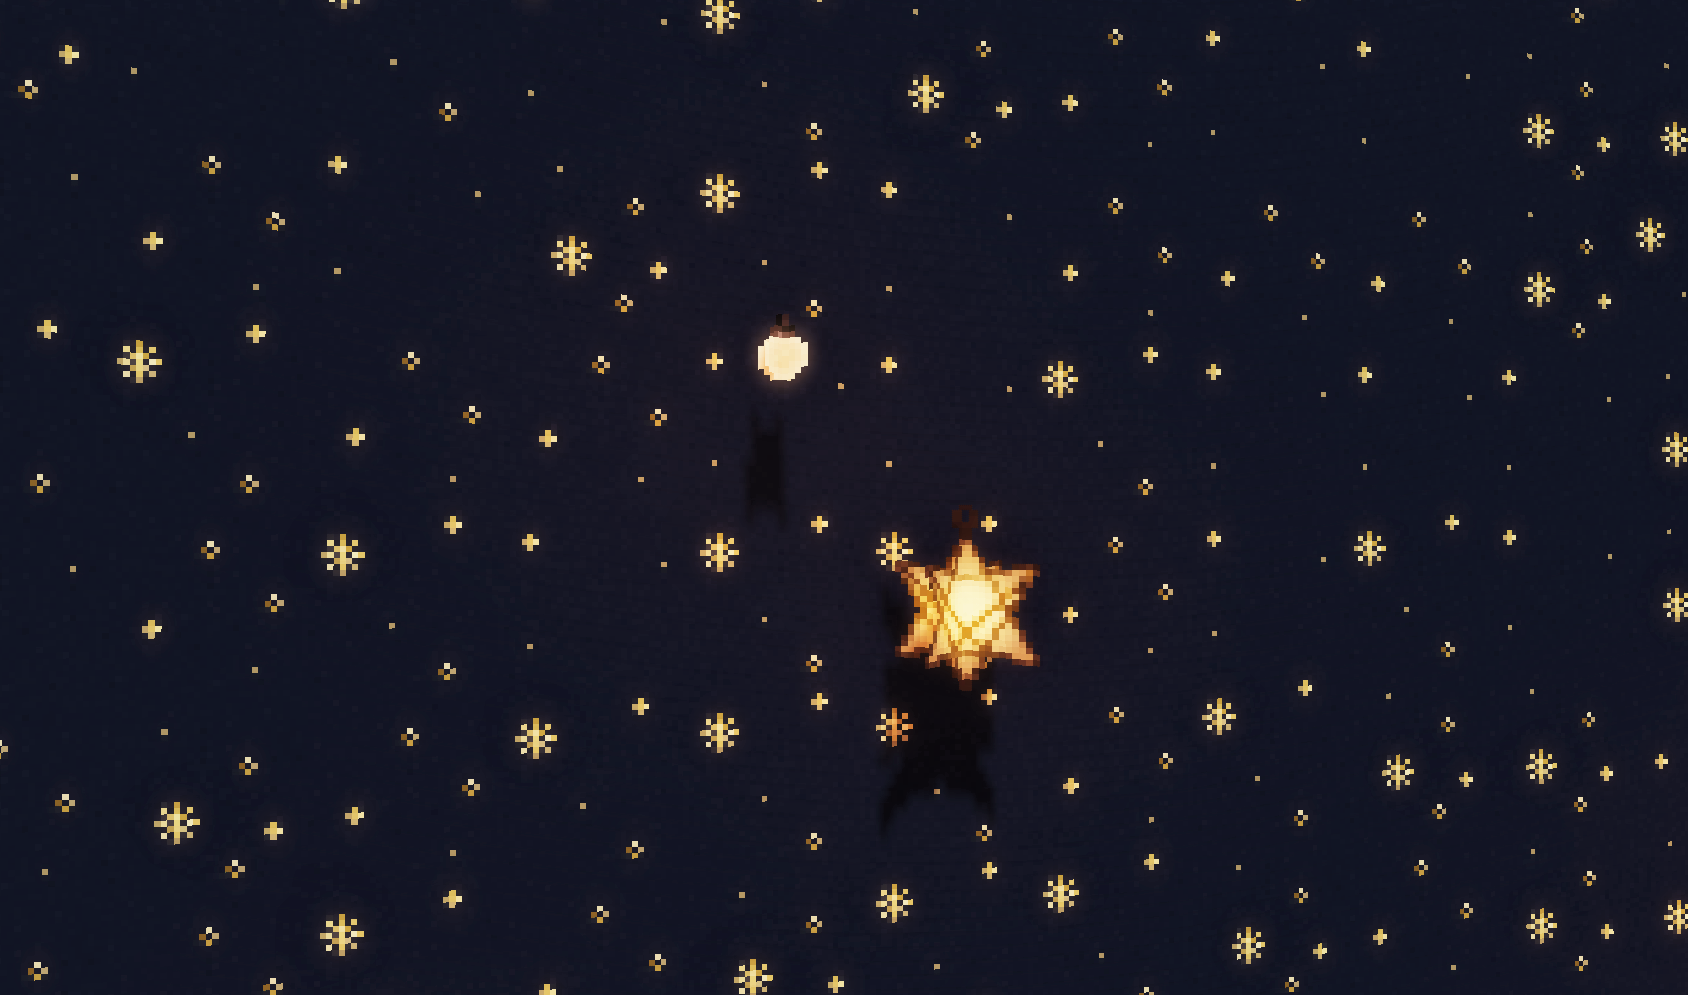 星空の背景 ランプ1.png